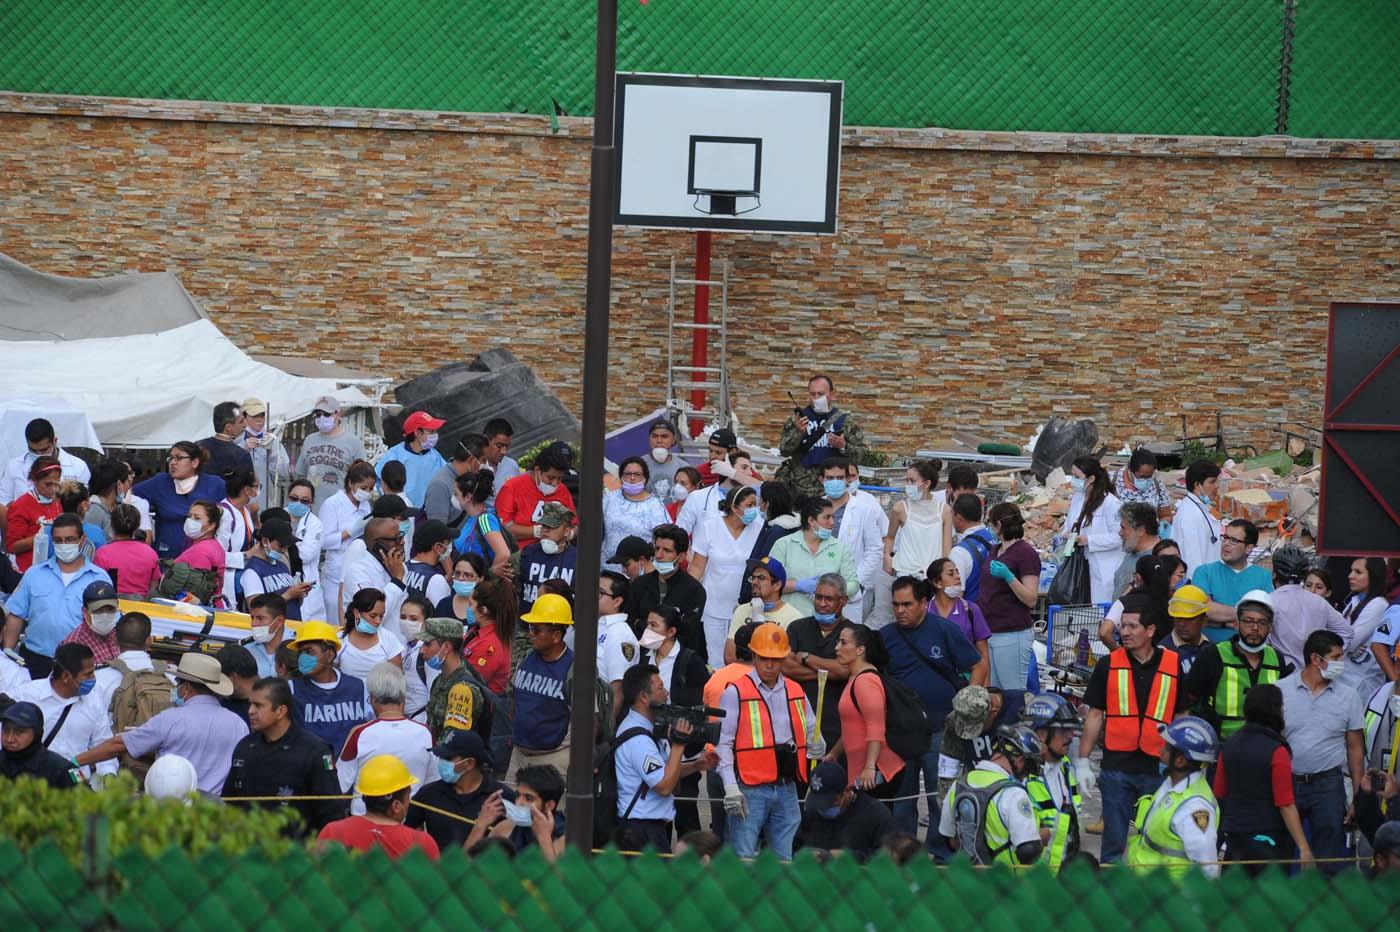 MEX145 CIUDAD DE MÉXICO (MÉXICO), 19/09/2017.- Rescatistas y voluntarios trabajan en las tareas de rescate en el Colegio Enrique Rebsamen hoy, martes 19 de septiembre de 2017, en Ciudad de México (México). Por lo menos 20 niños y dos adultos murieron, y otras 38 personas están desaparecidas, en una escuela que se derrumbó en el sur de Ciudad de México a causa del sismo que hoy sacudió amplias porciones del país, informó el presidente Enrique Peña Nieto. EFE/STR